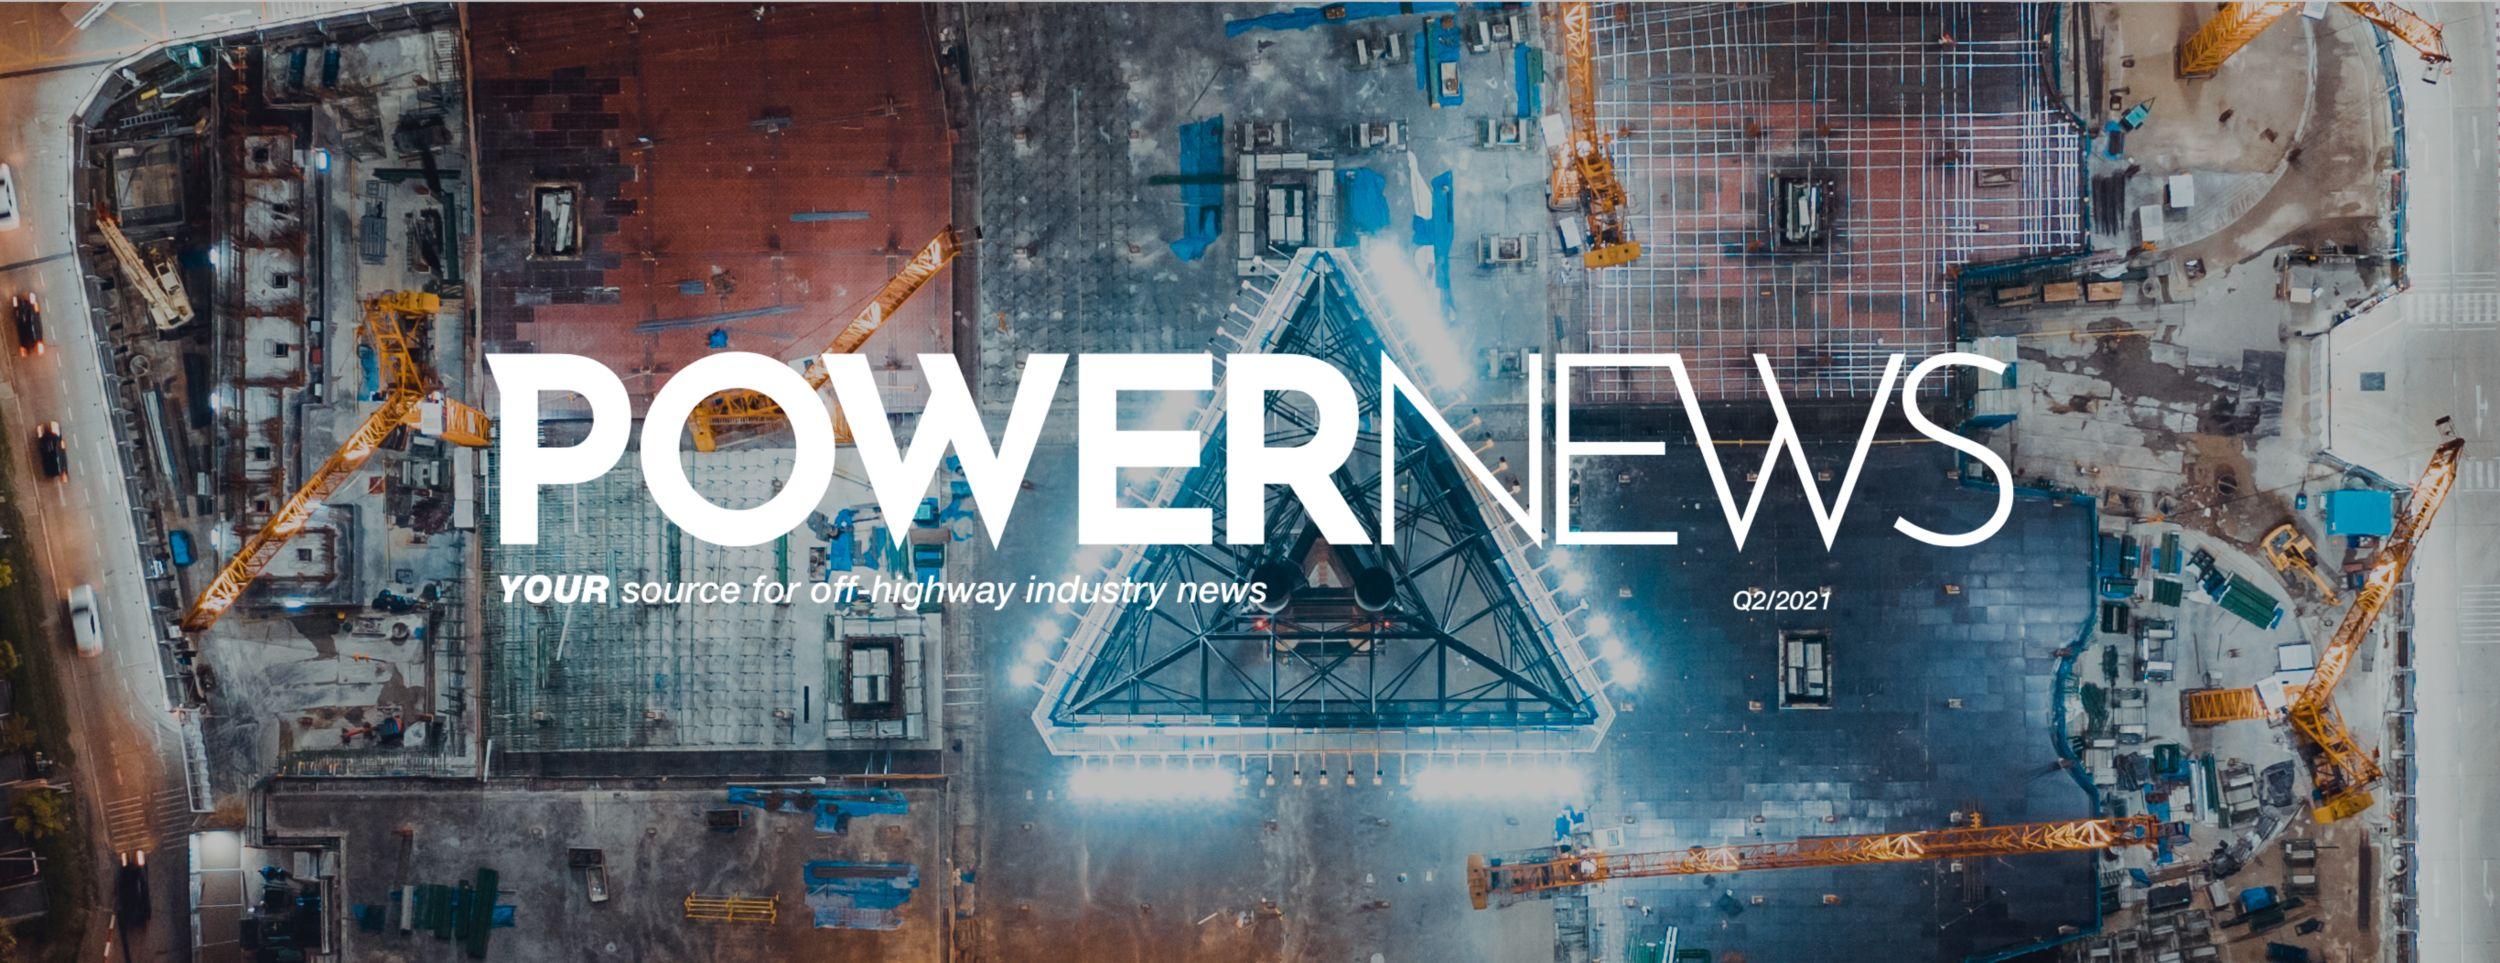 Powernews